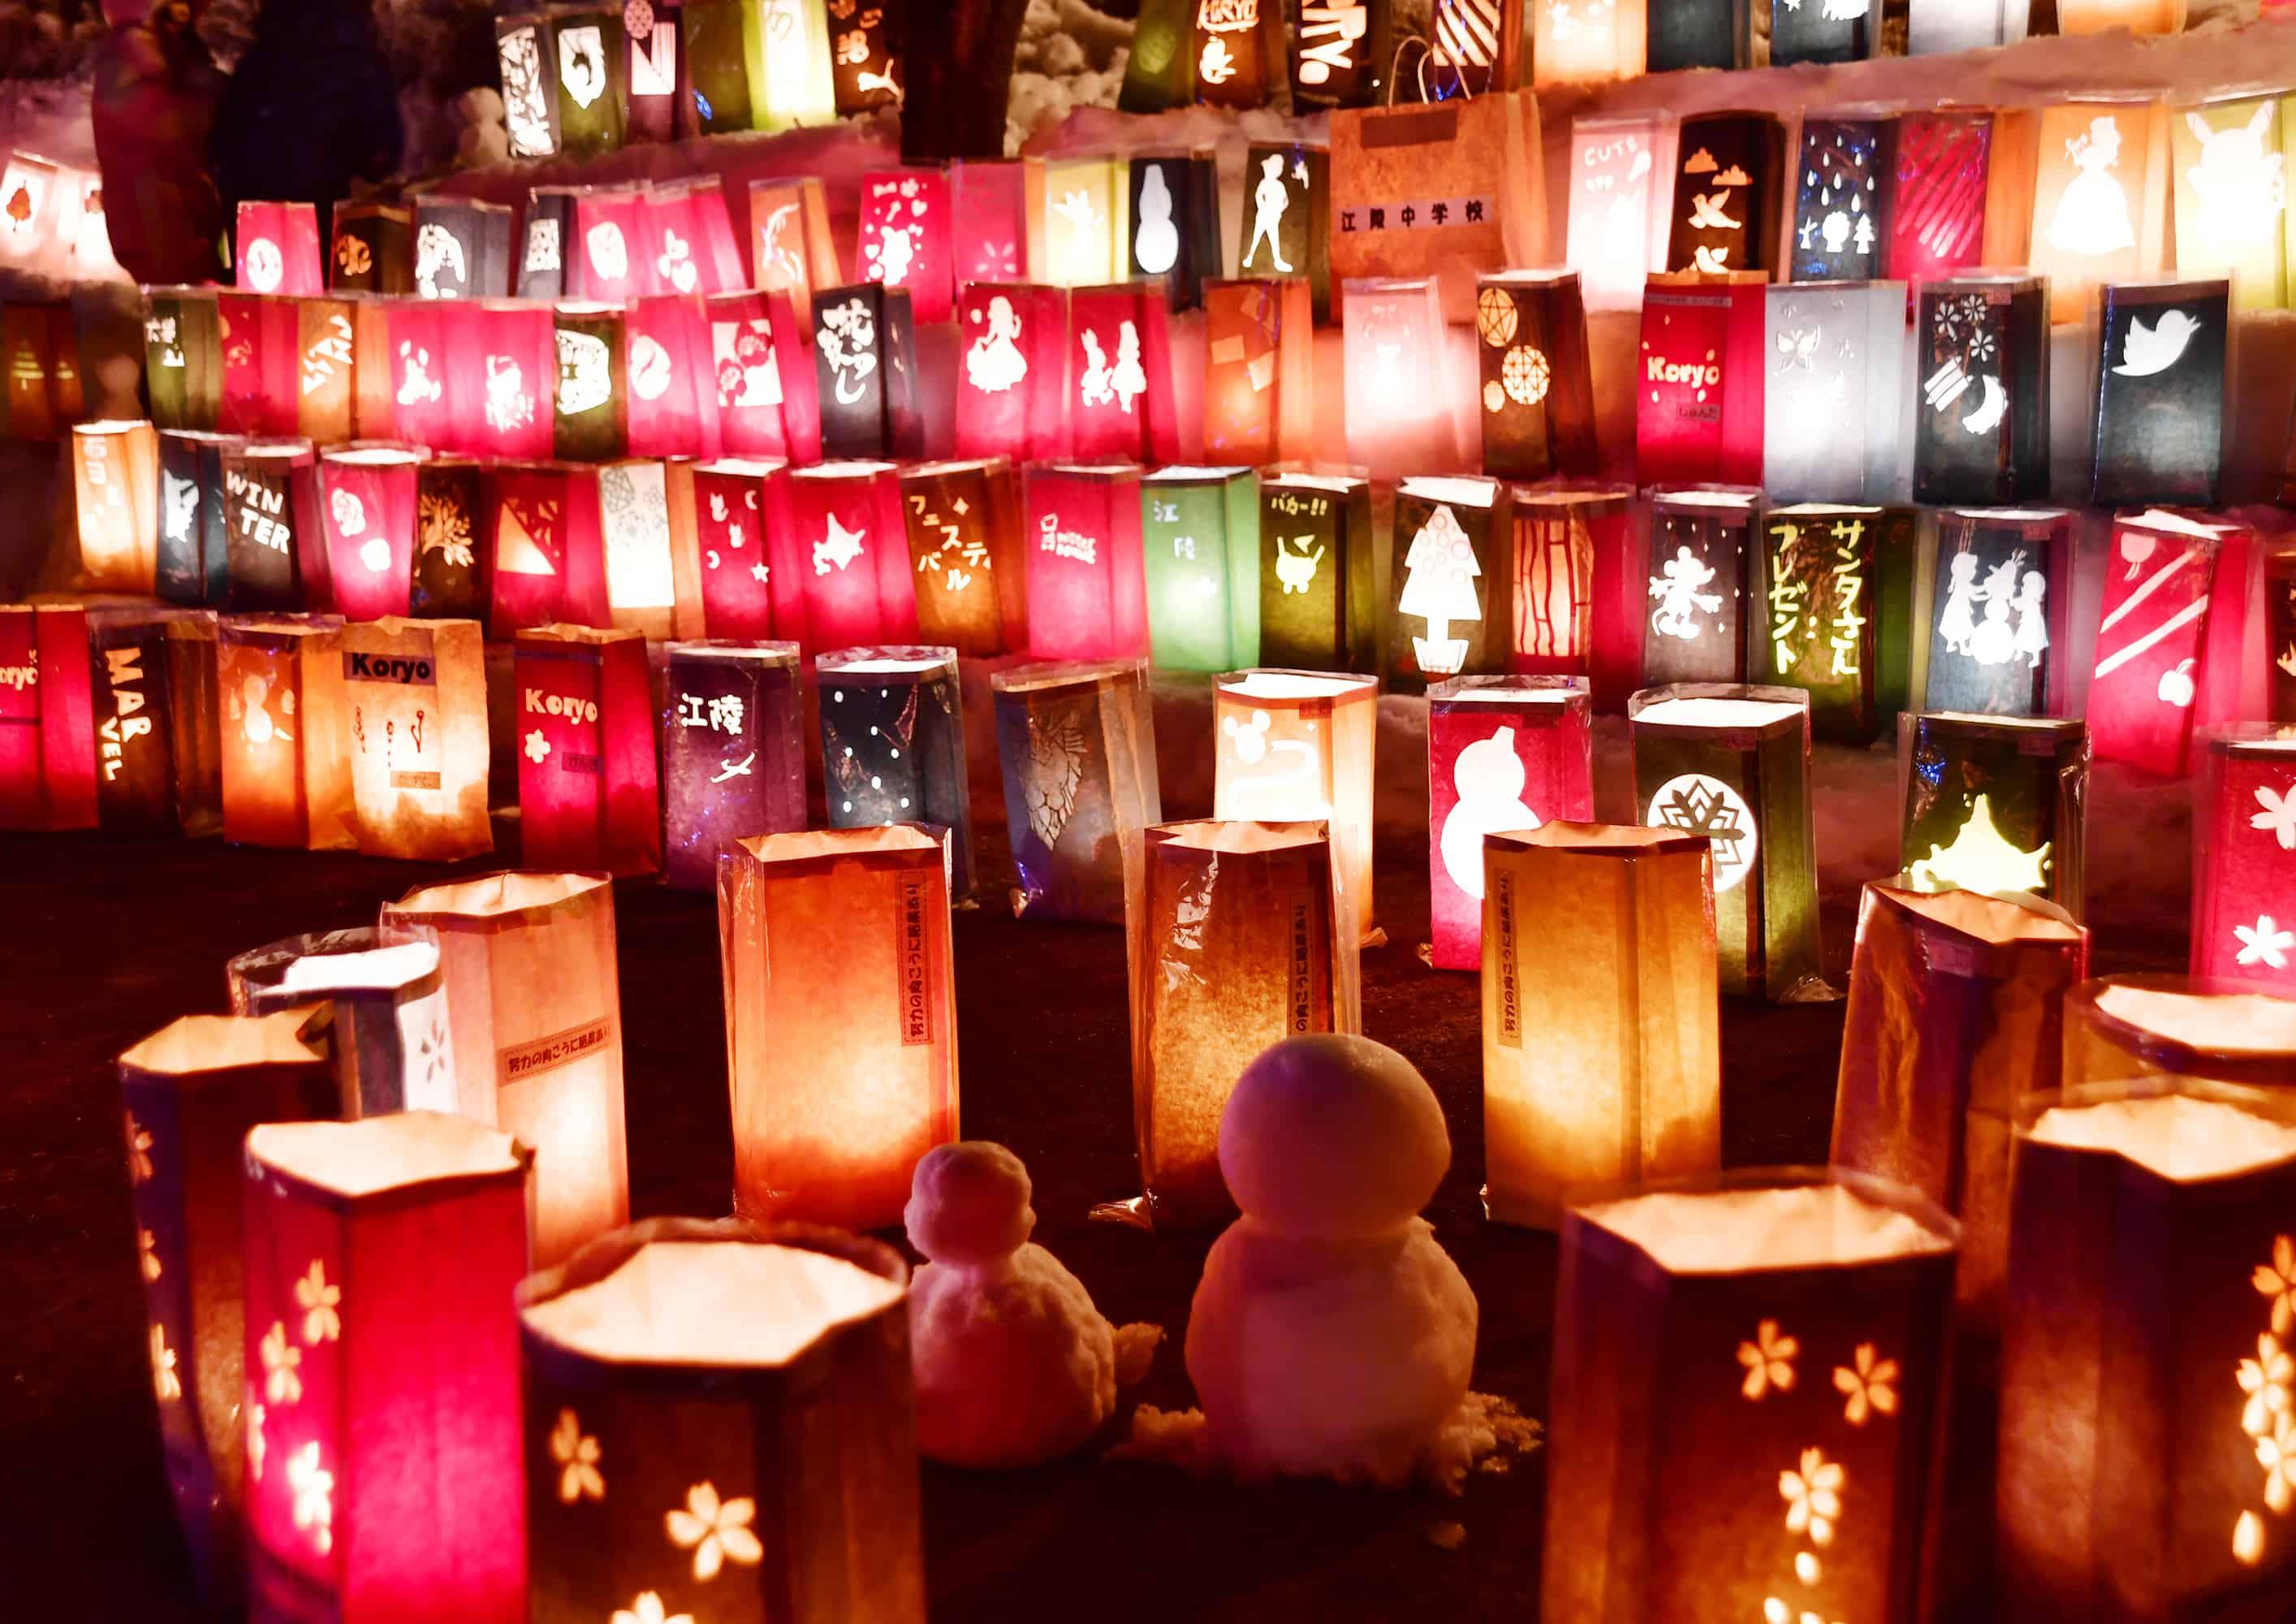 เทศกาลโคมกระดาษทาคิคาวะ (Takikawa Lantern Festival) ฮอกไกโด